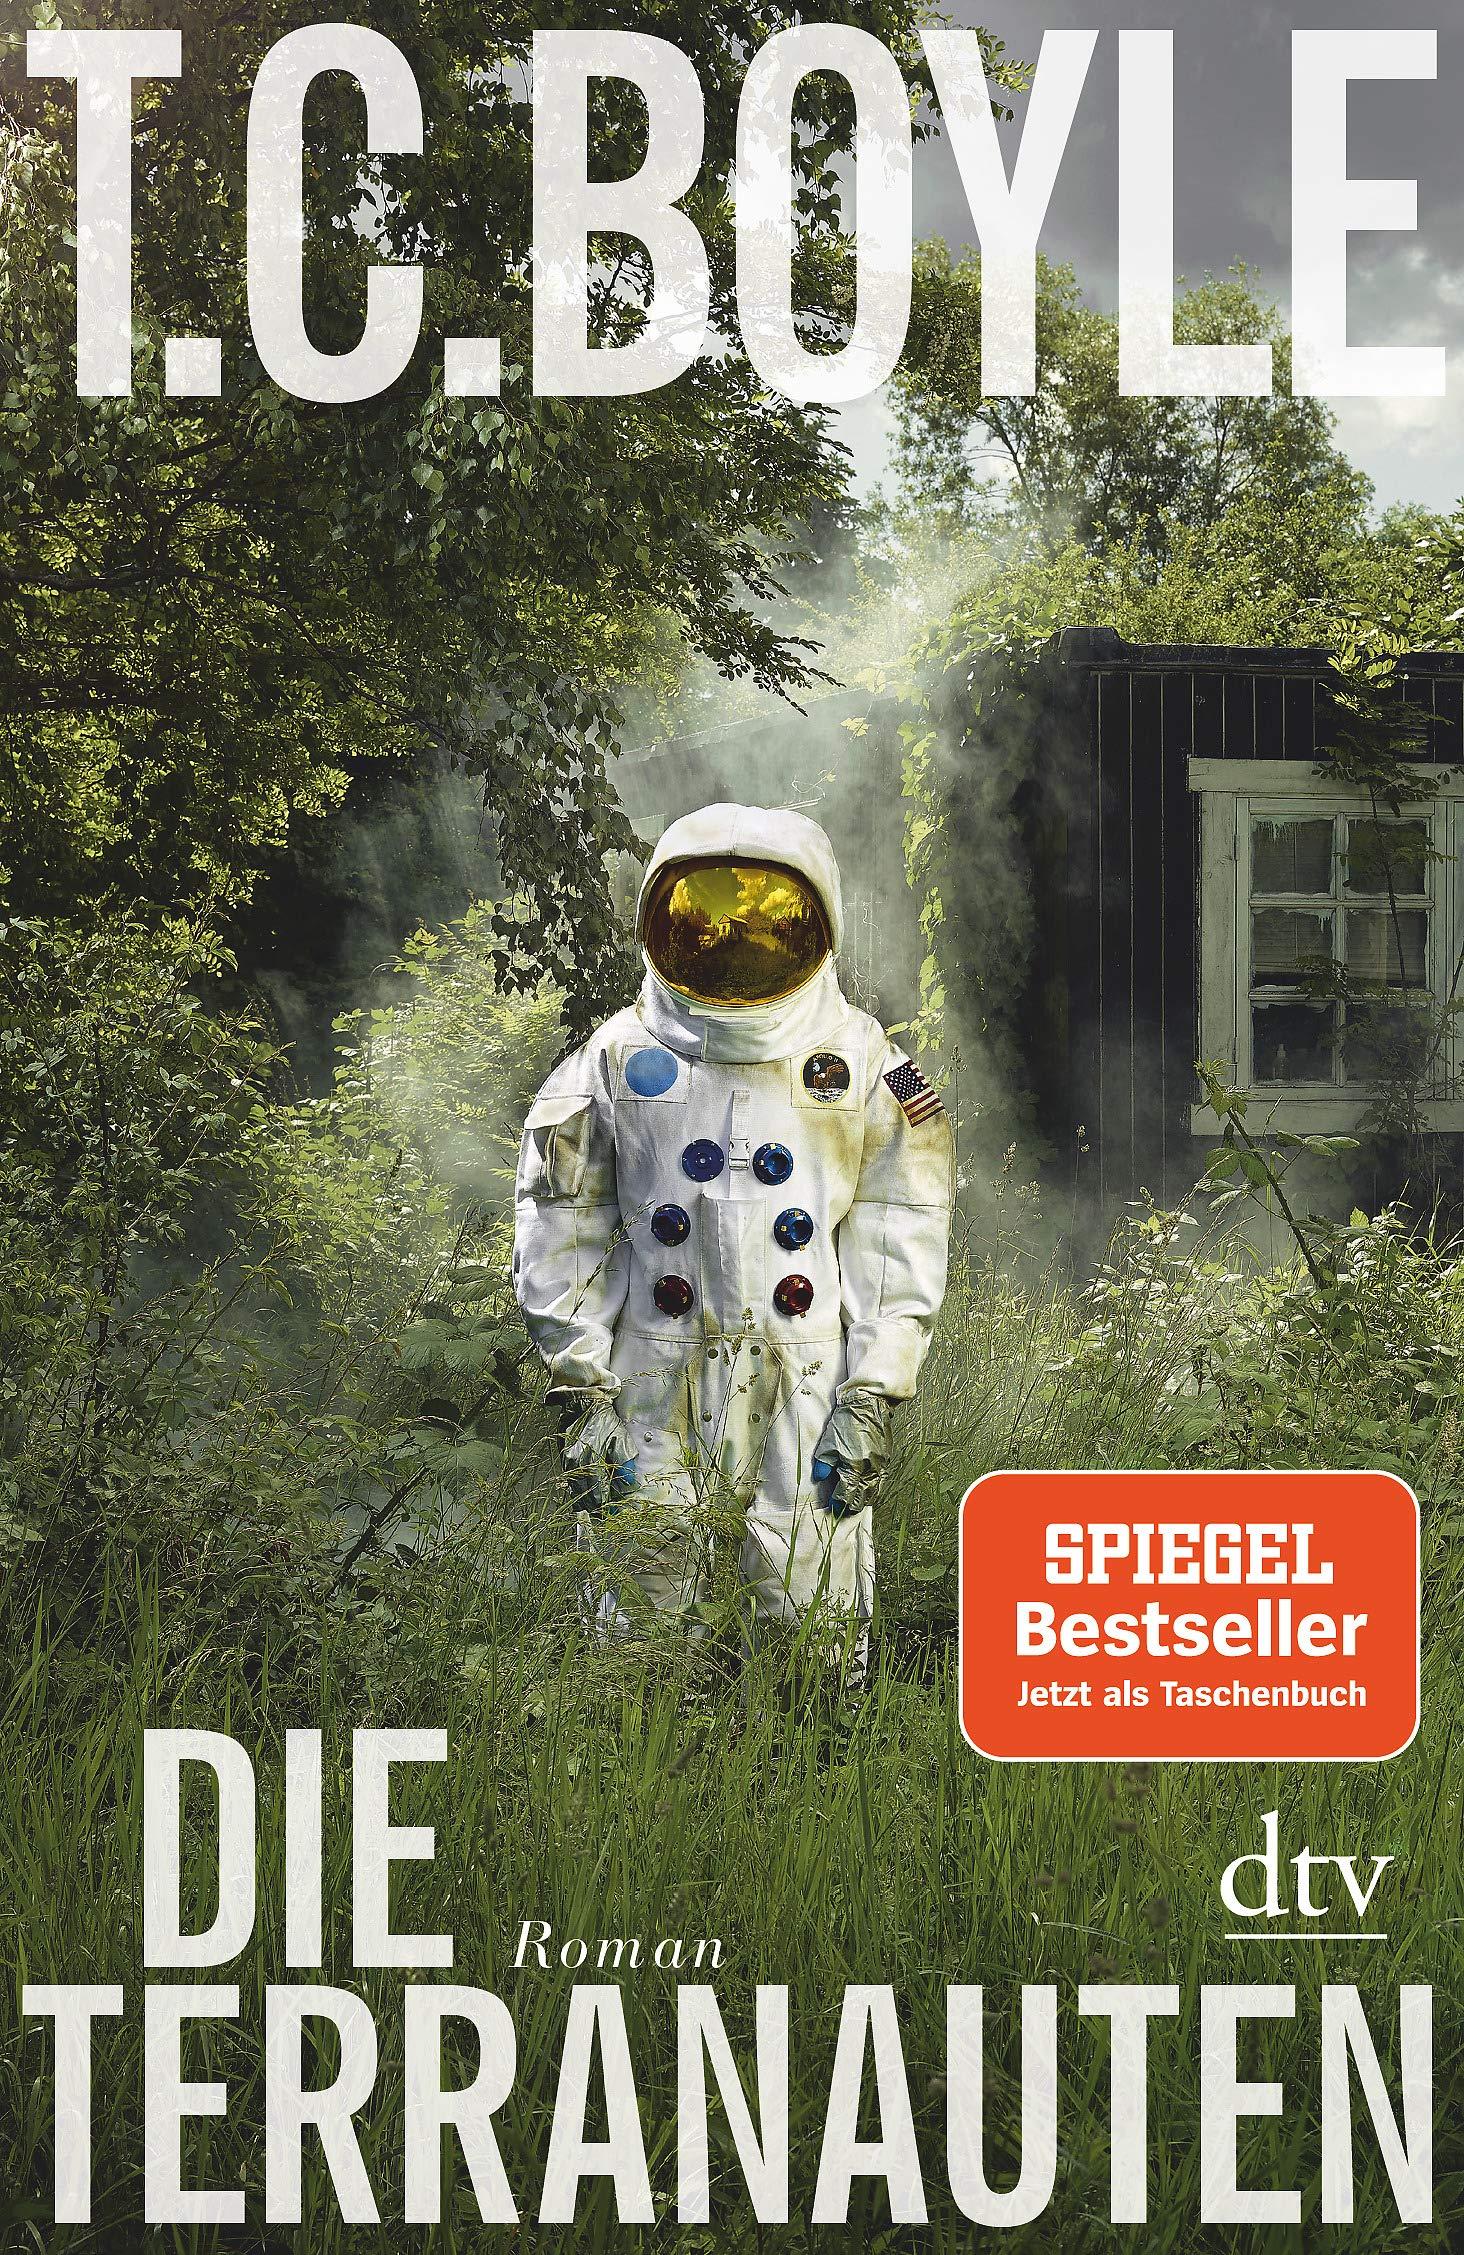 Die Terranauten: Roman Taschenbuch – 20. Juli 2018 T. C. Boyle Dirk van Gunsteren dtv Verlagsgesellschaft 342314646X